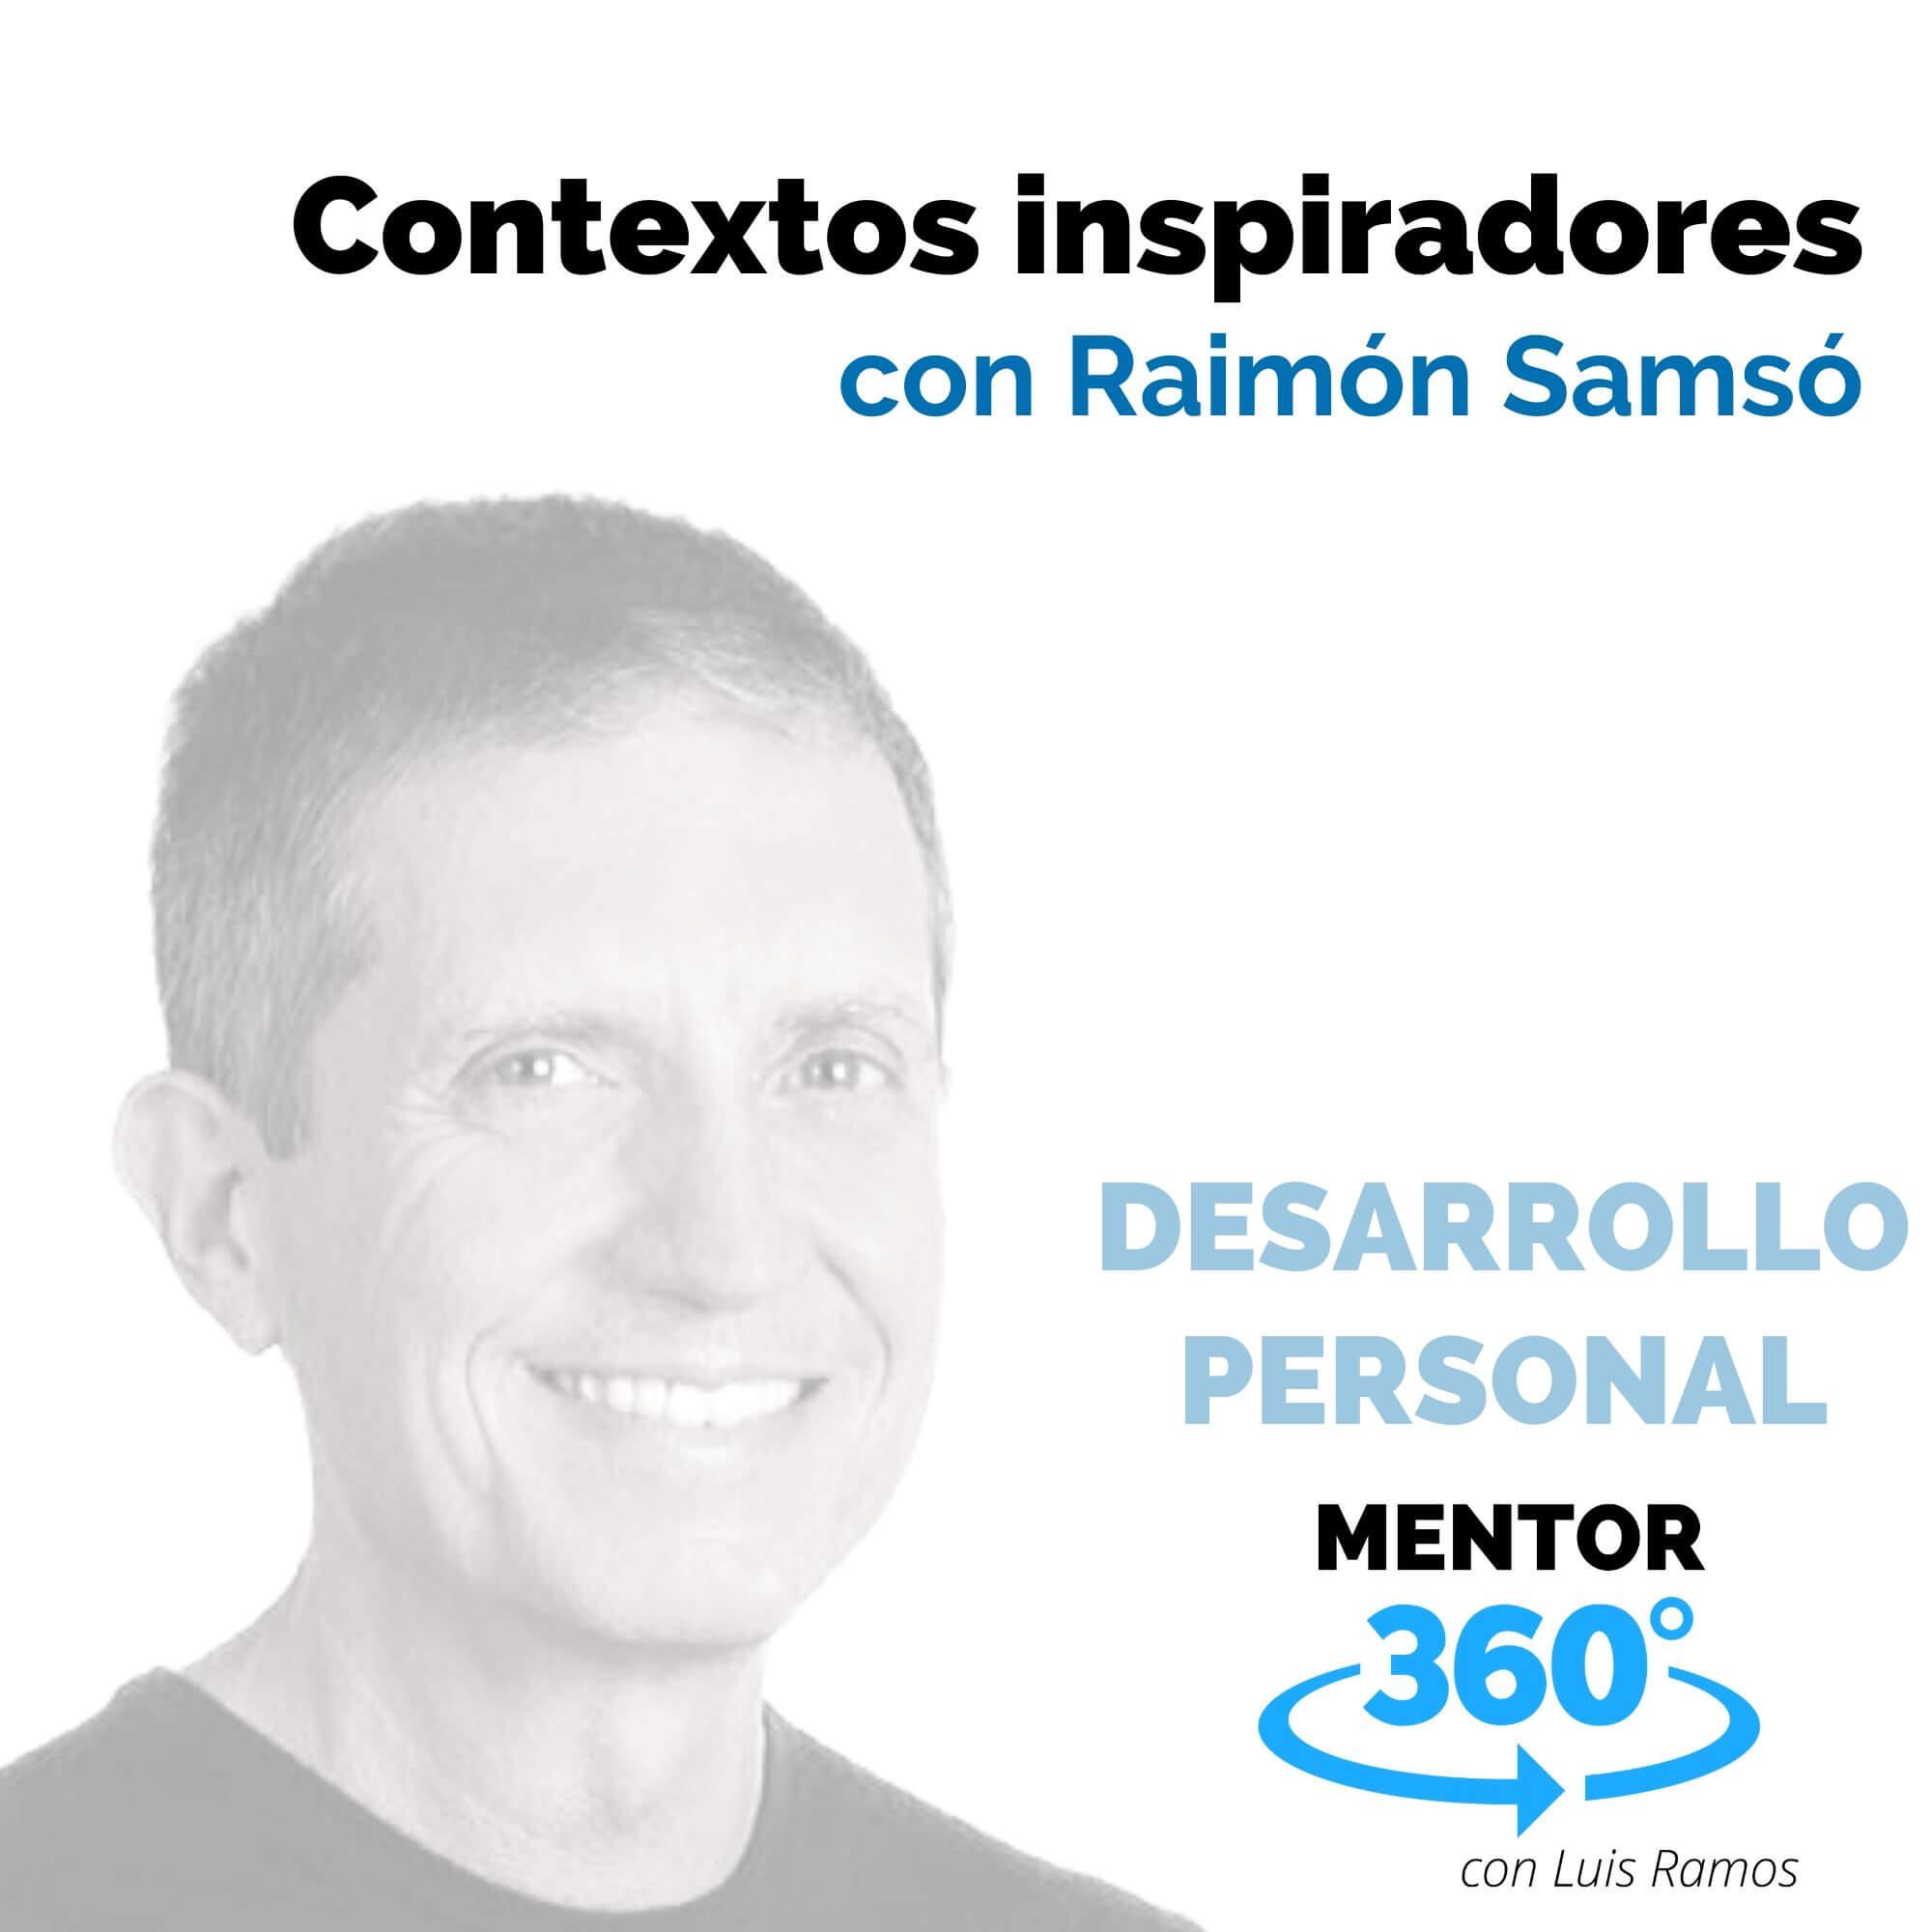 Contextos inspiradores, con Raimón Samsó - DESARROLLO PERSONAL